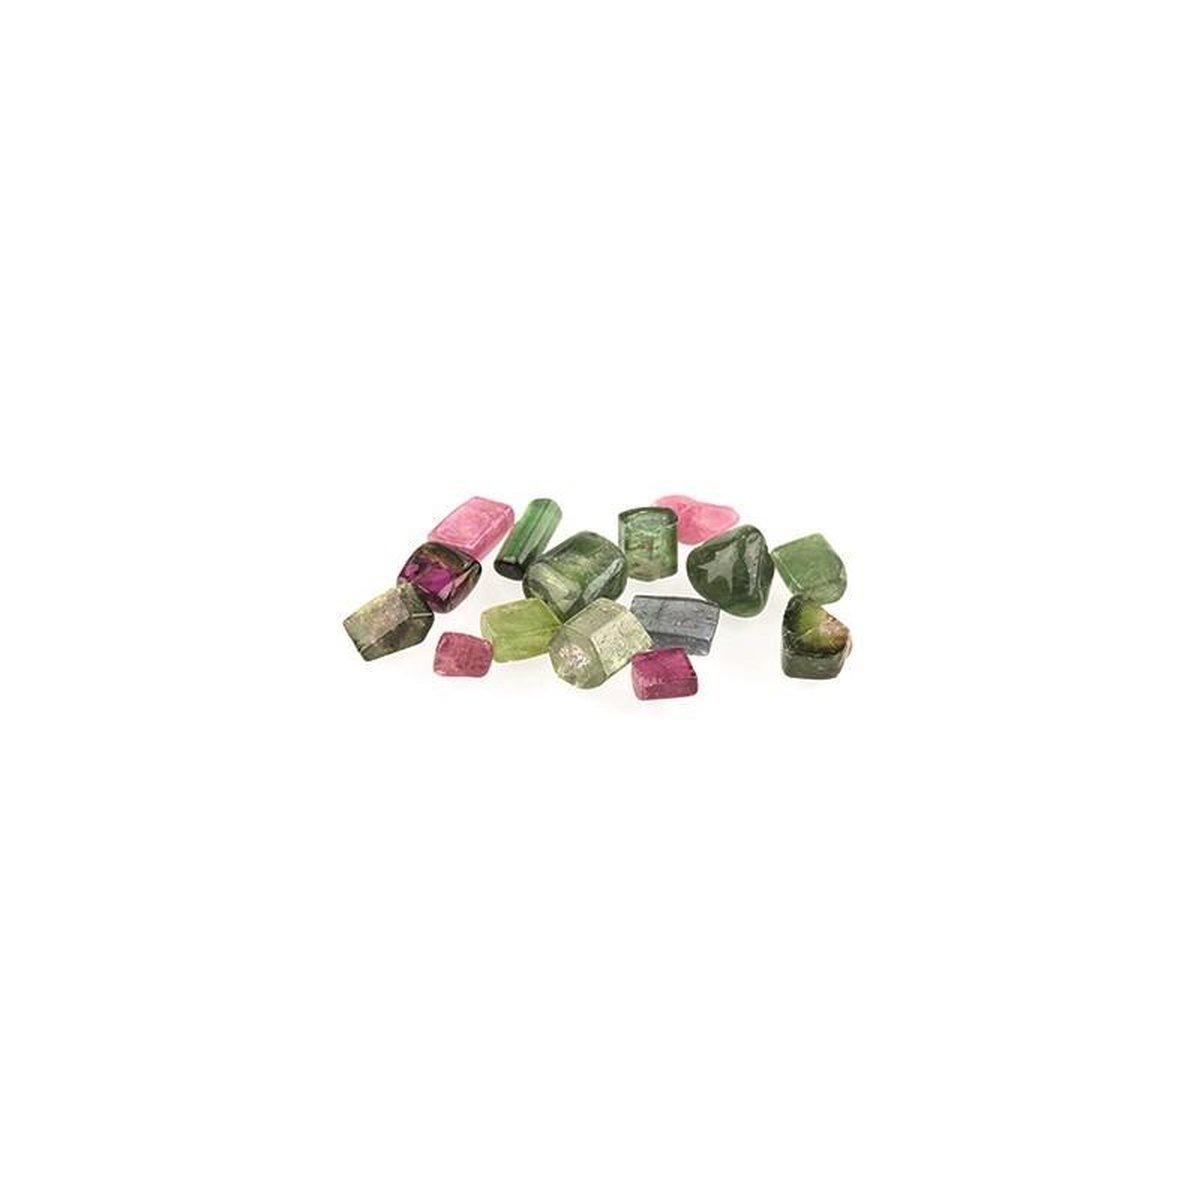 Toermalijn watermeloen A per gram (10.00) - 1 gram - bonte kleuren - Patipada